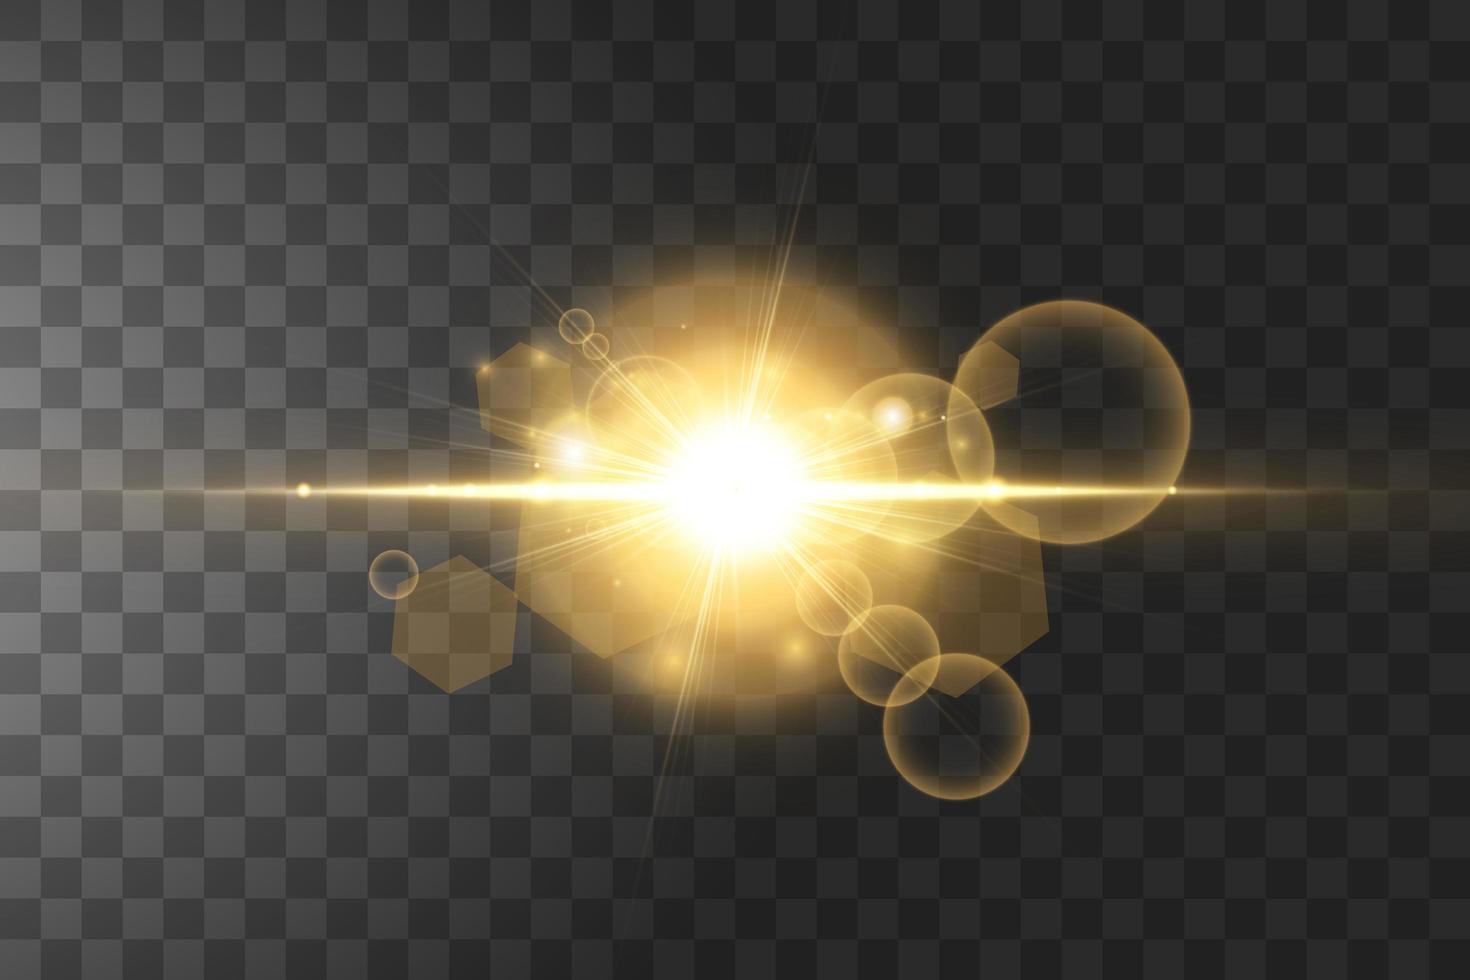 lysande gyllene stjärnor isolerad på svart bakgrund. vektor illustration.